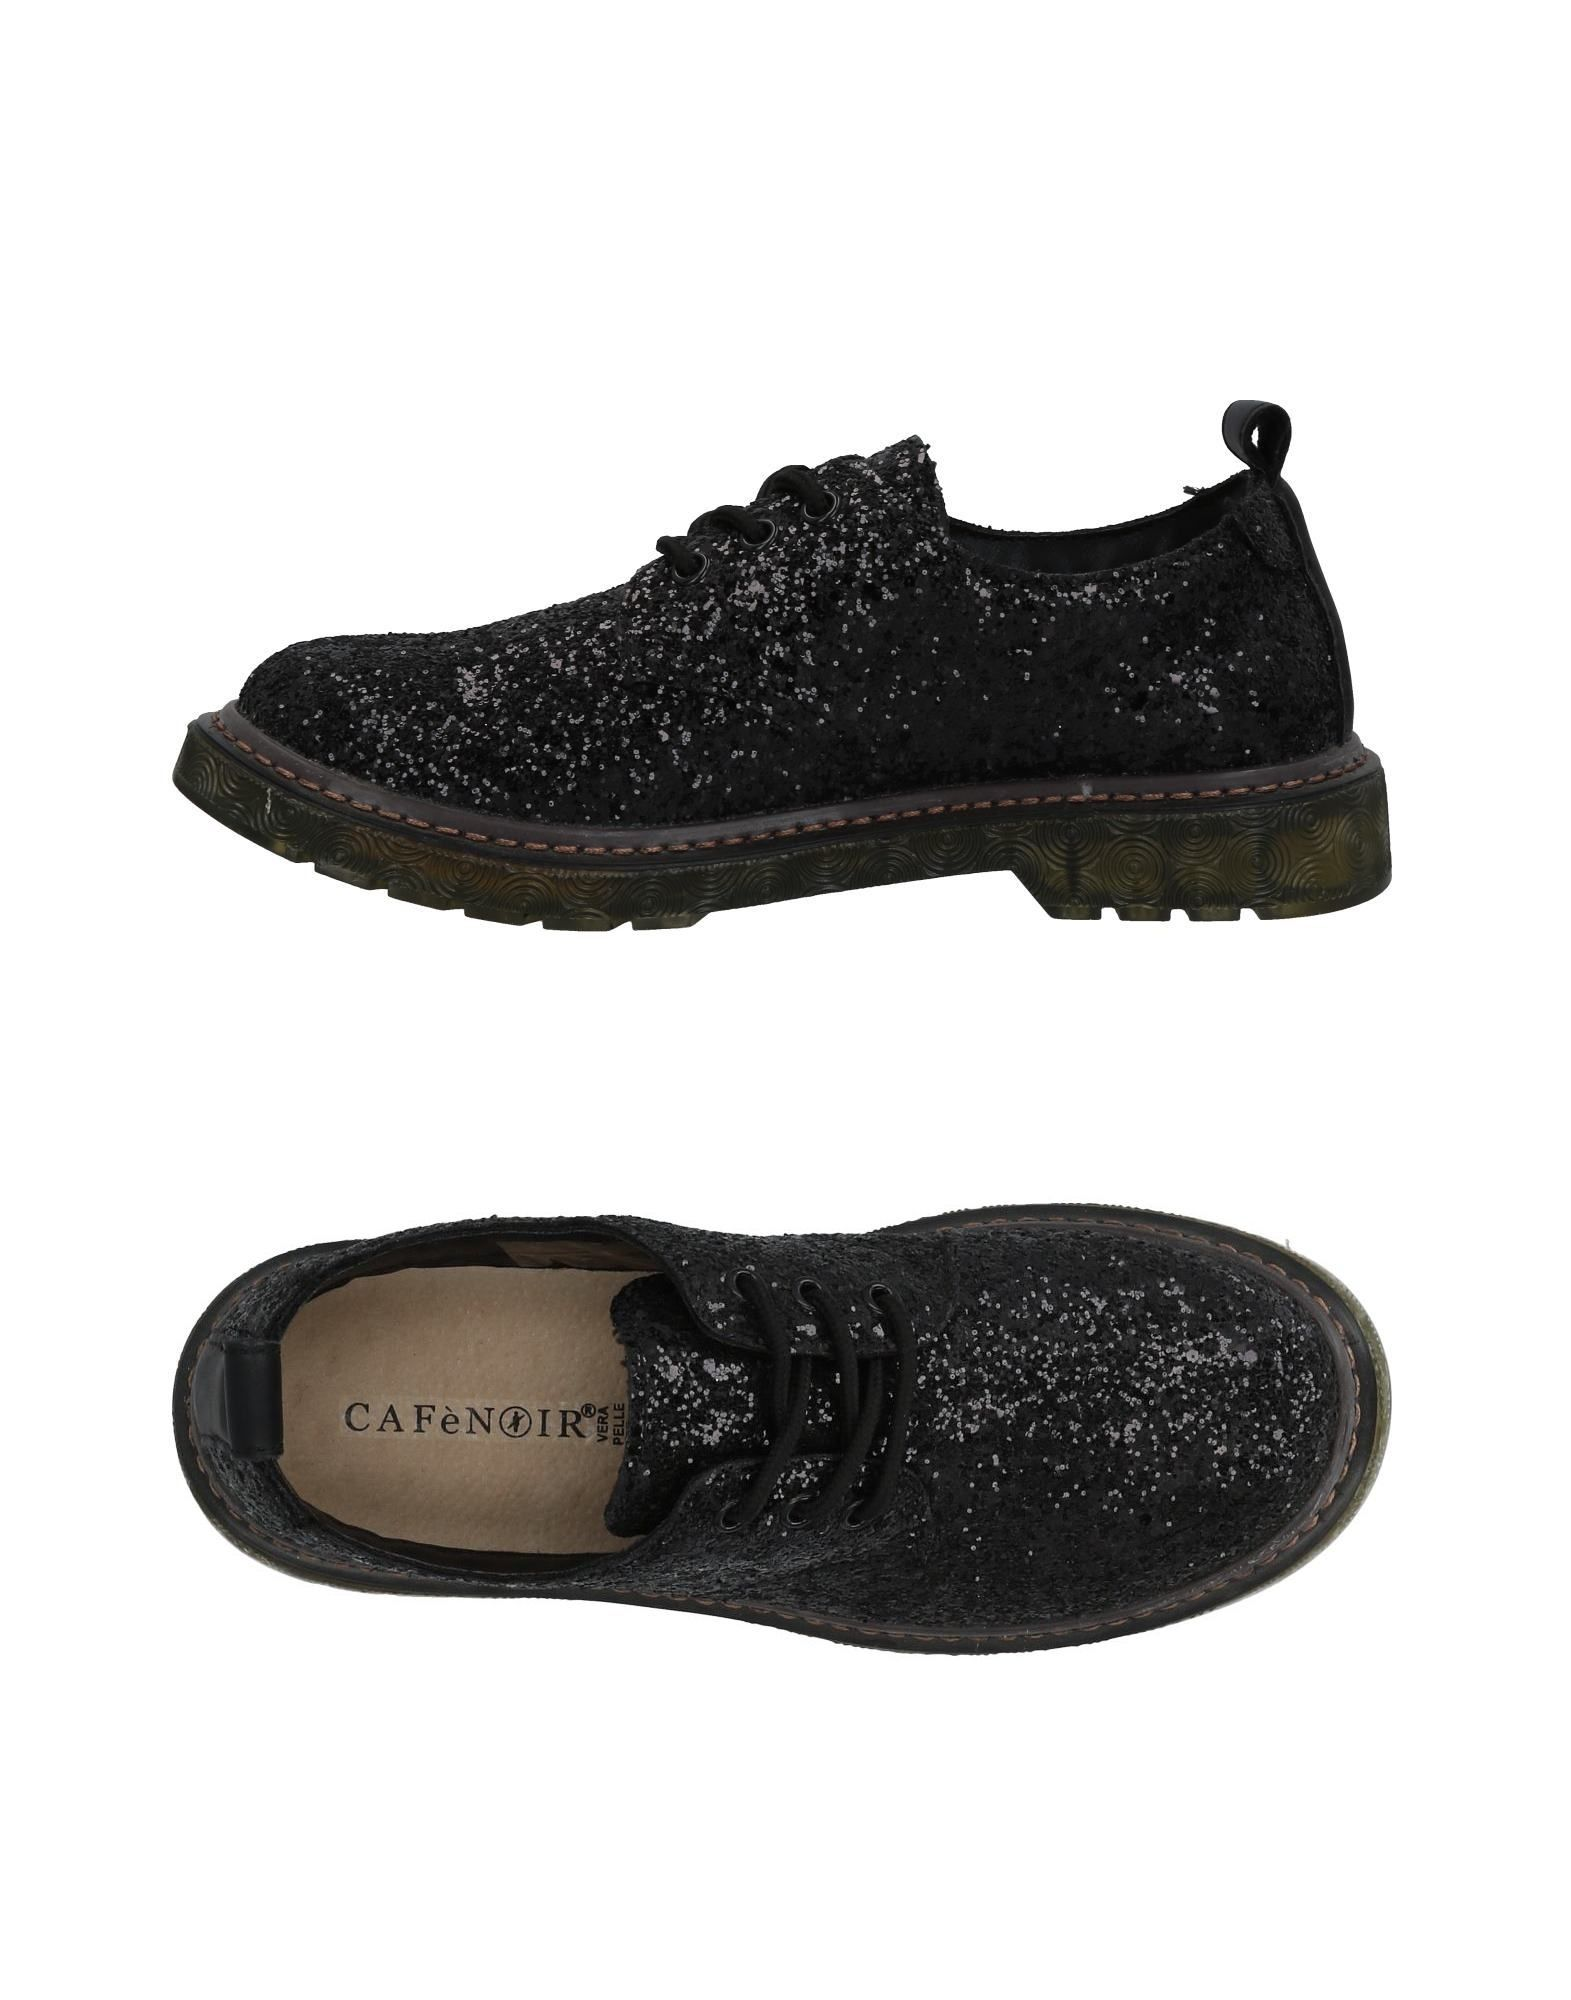 Cafènoir Schnürschuhe Damen  11454793UD Gute Qualität beliebte Schuhe